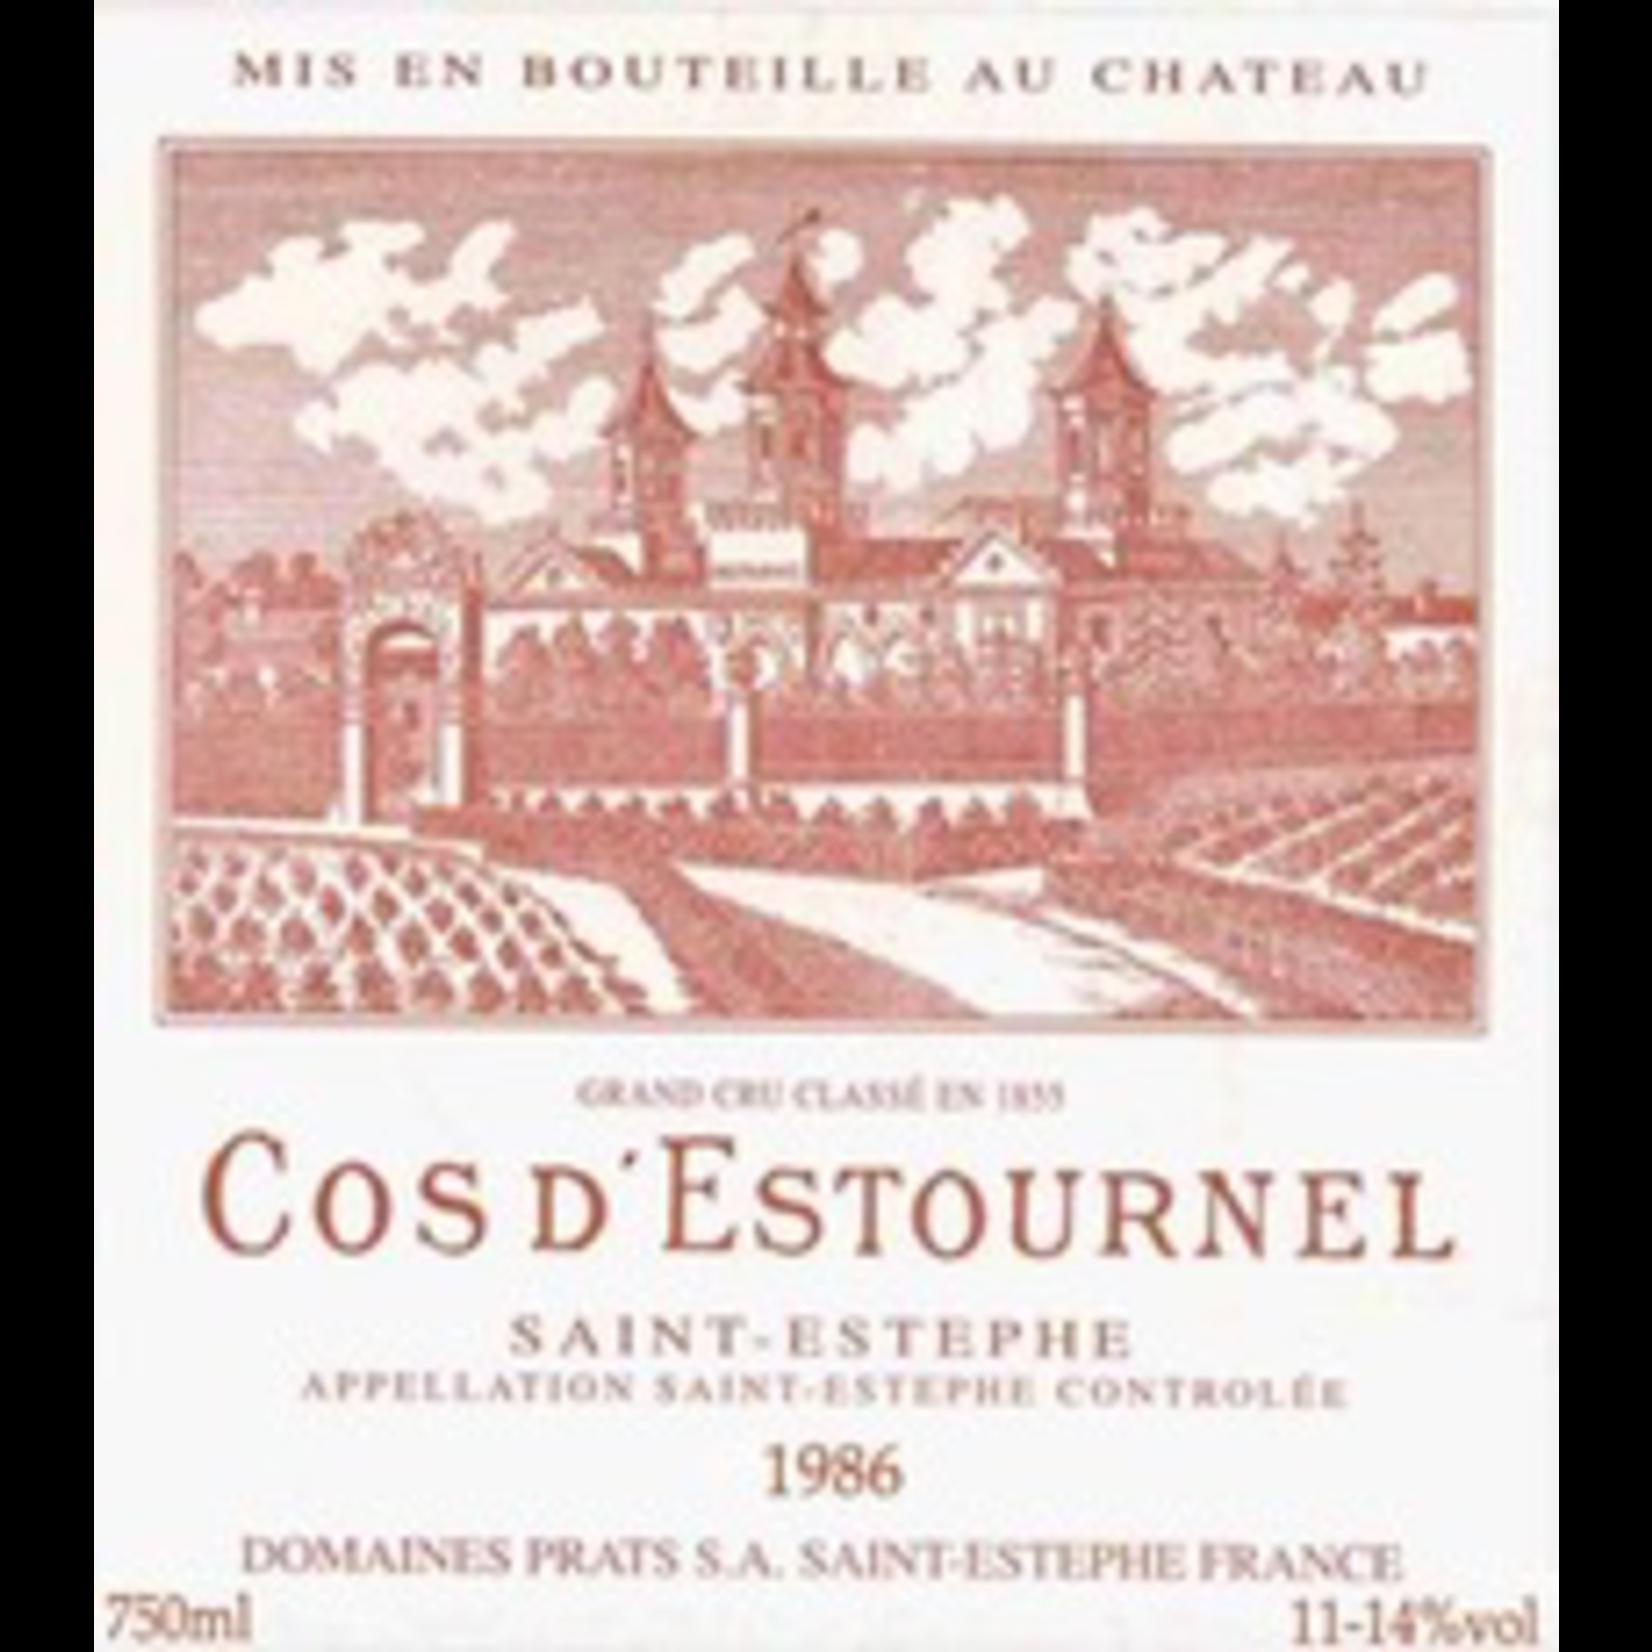 Wine Cos d'Estournel 1985